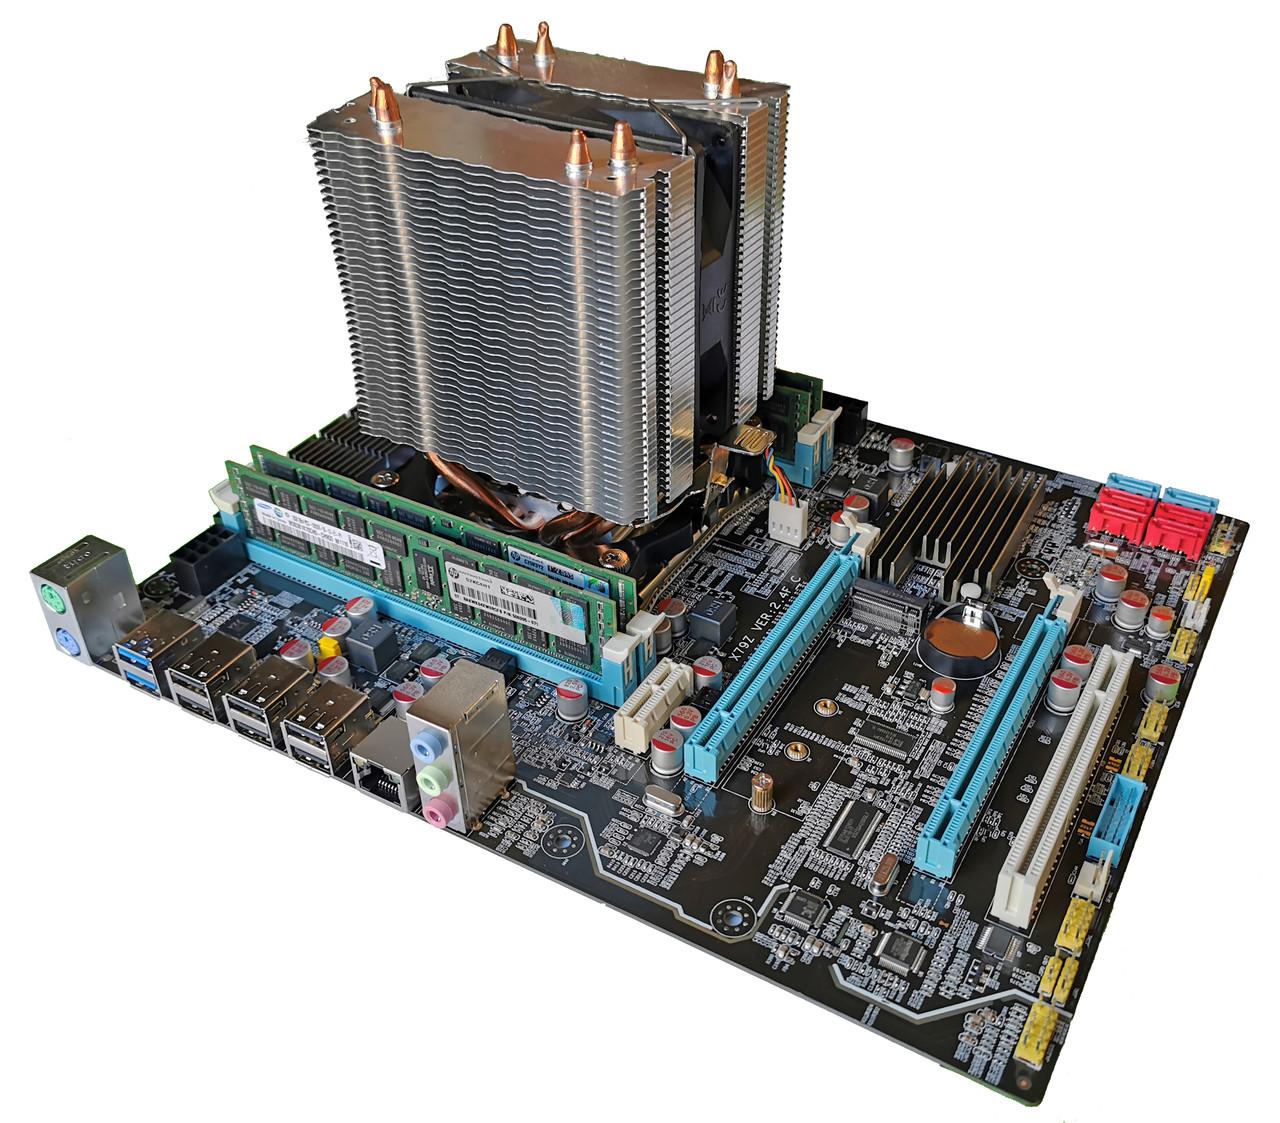 Комплект X79Z-2.4F + Xeon E5-2670 + 16 GB RAM + Кулер, LGA 2011